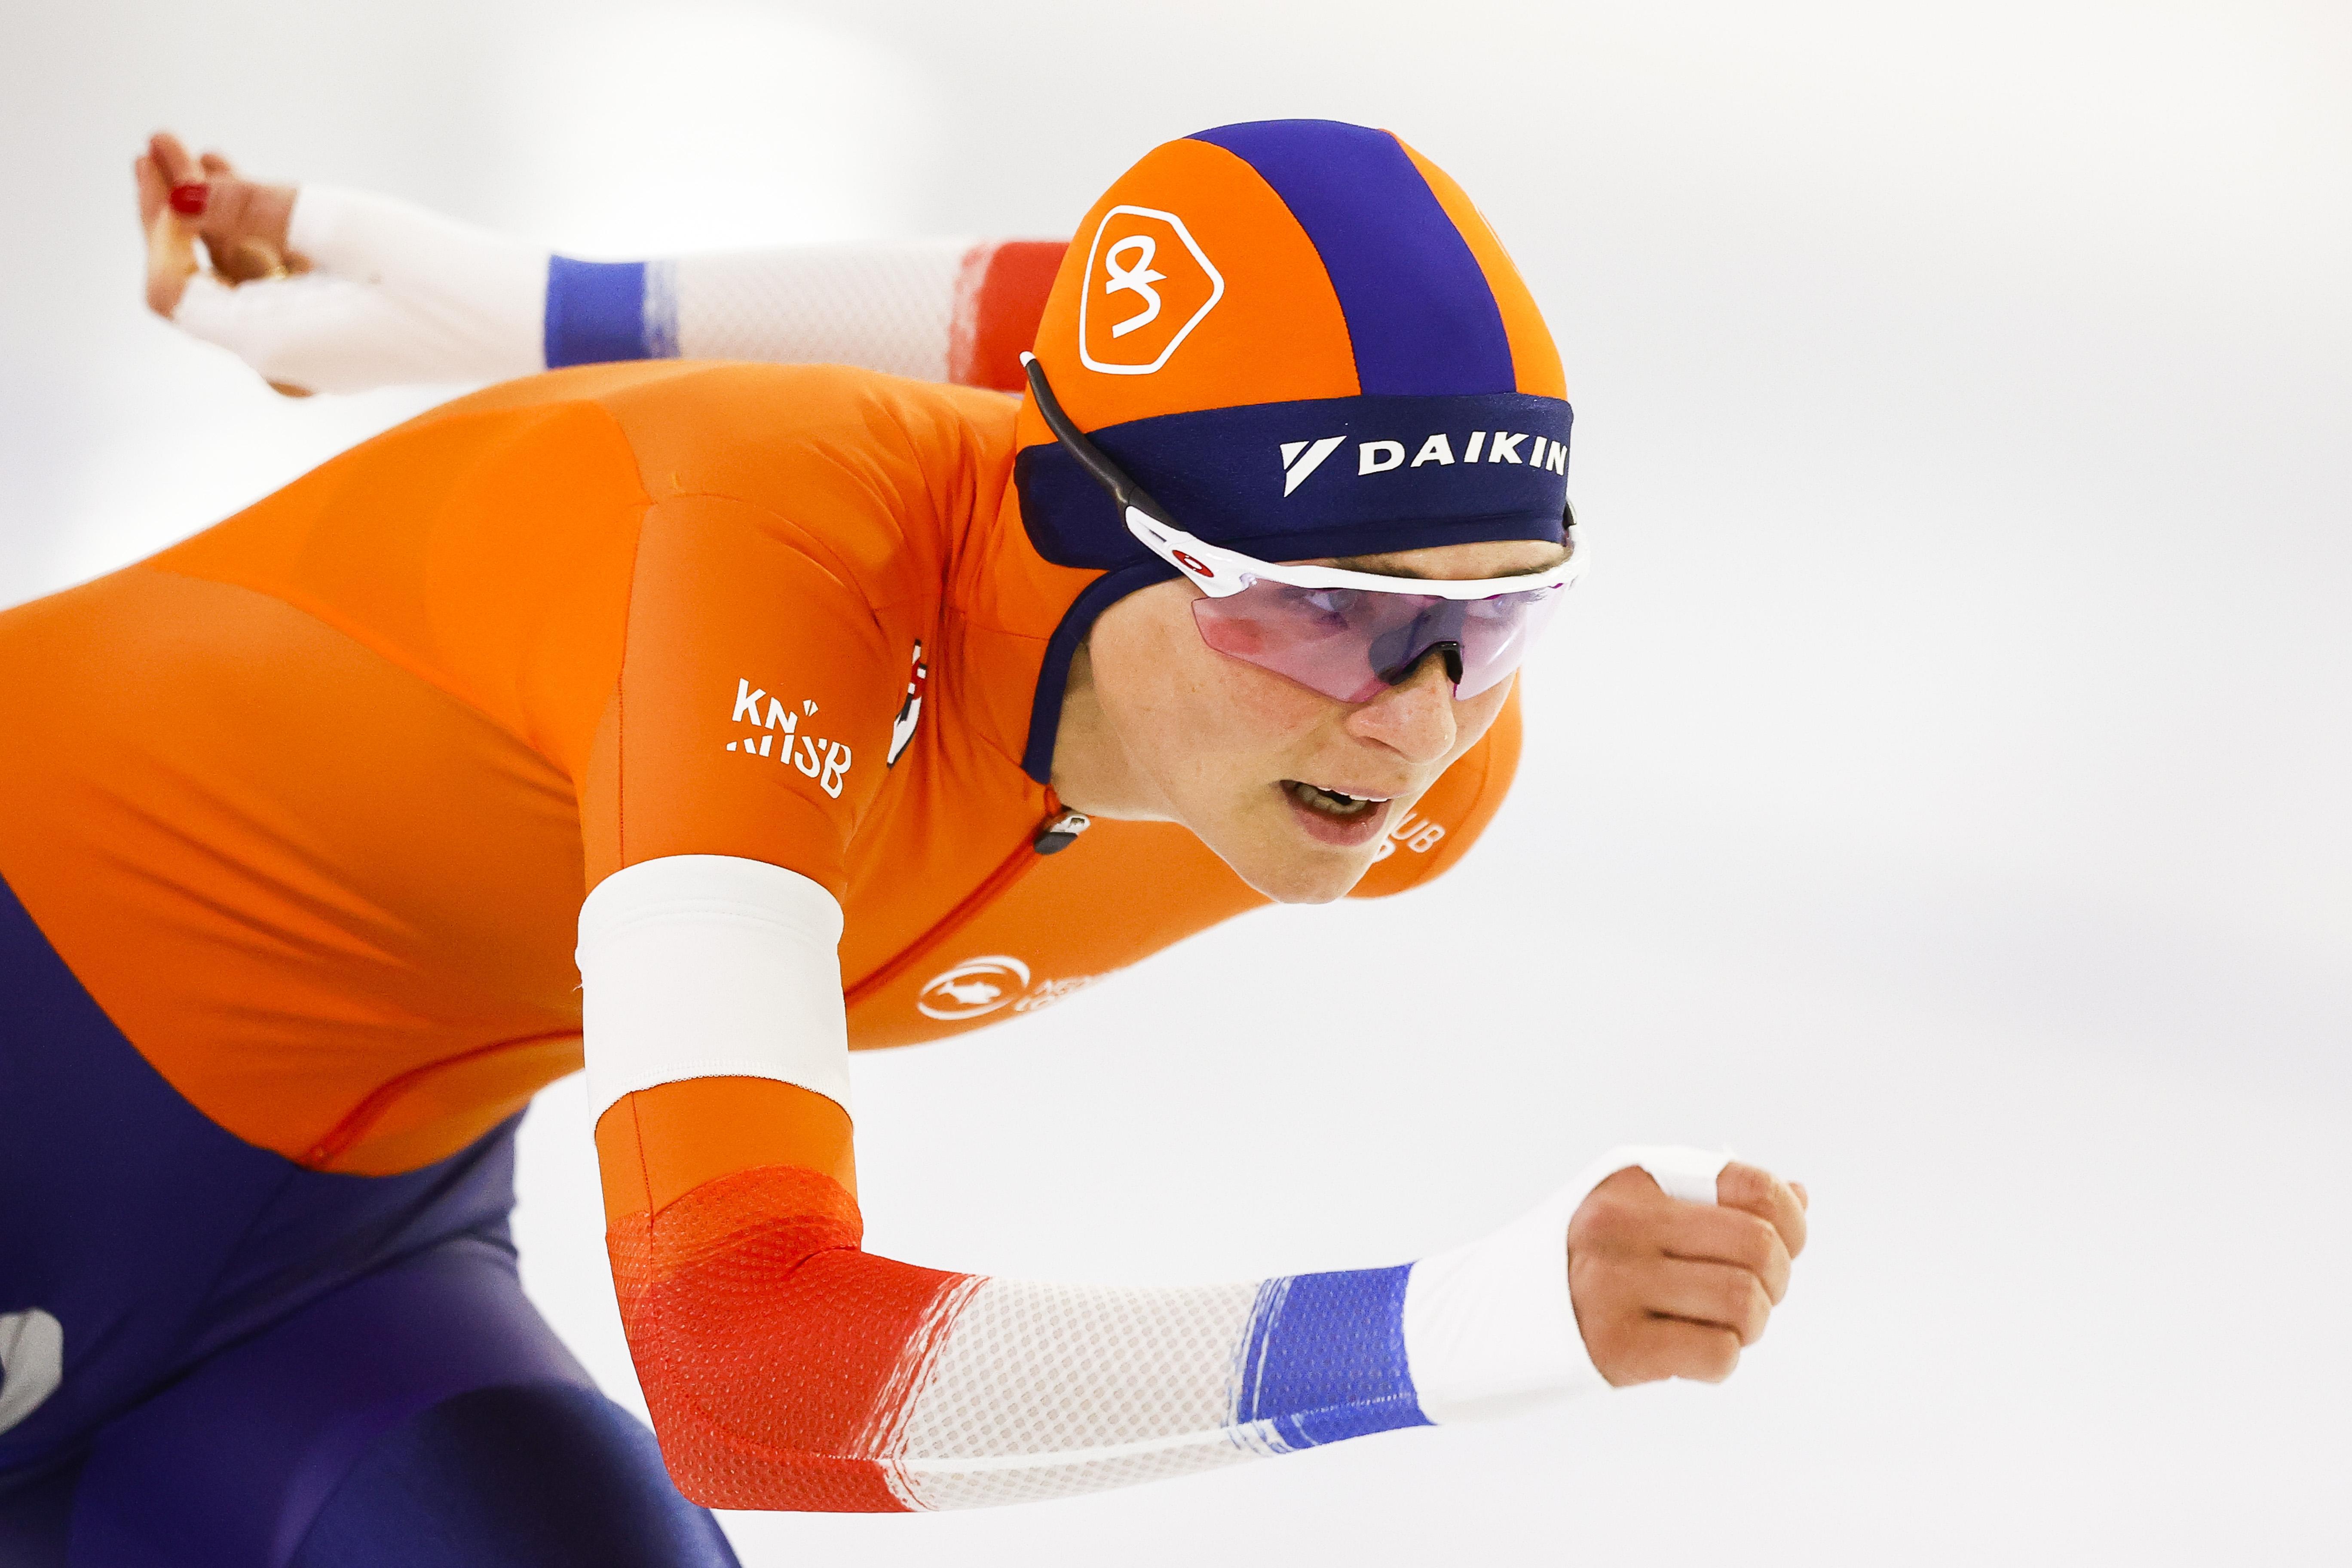 Schaatsster Irene Schouten wint 3000 meter, Antoinette de Jong leidt na eerste dag EK allround